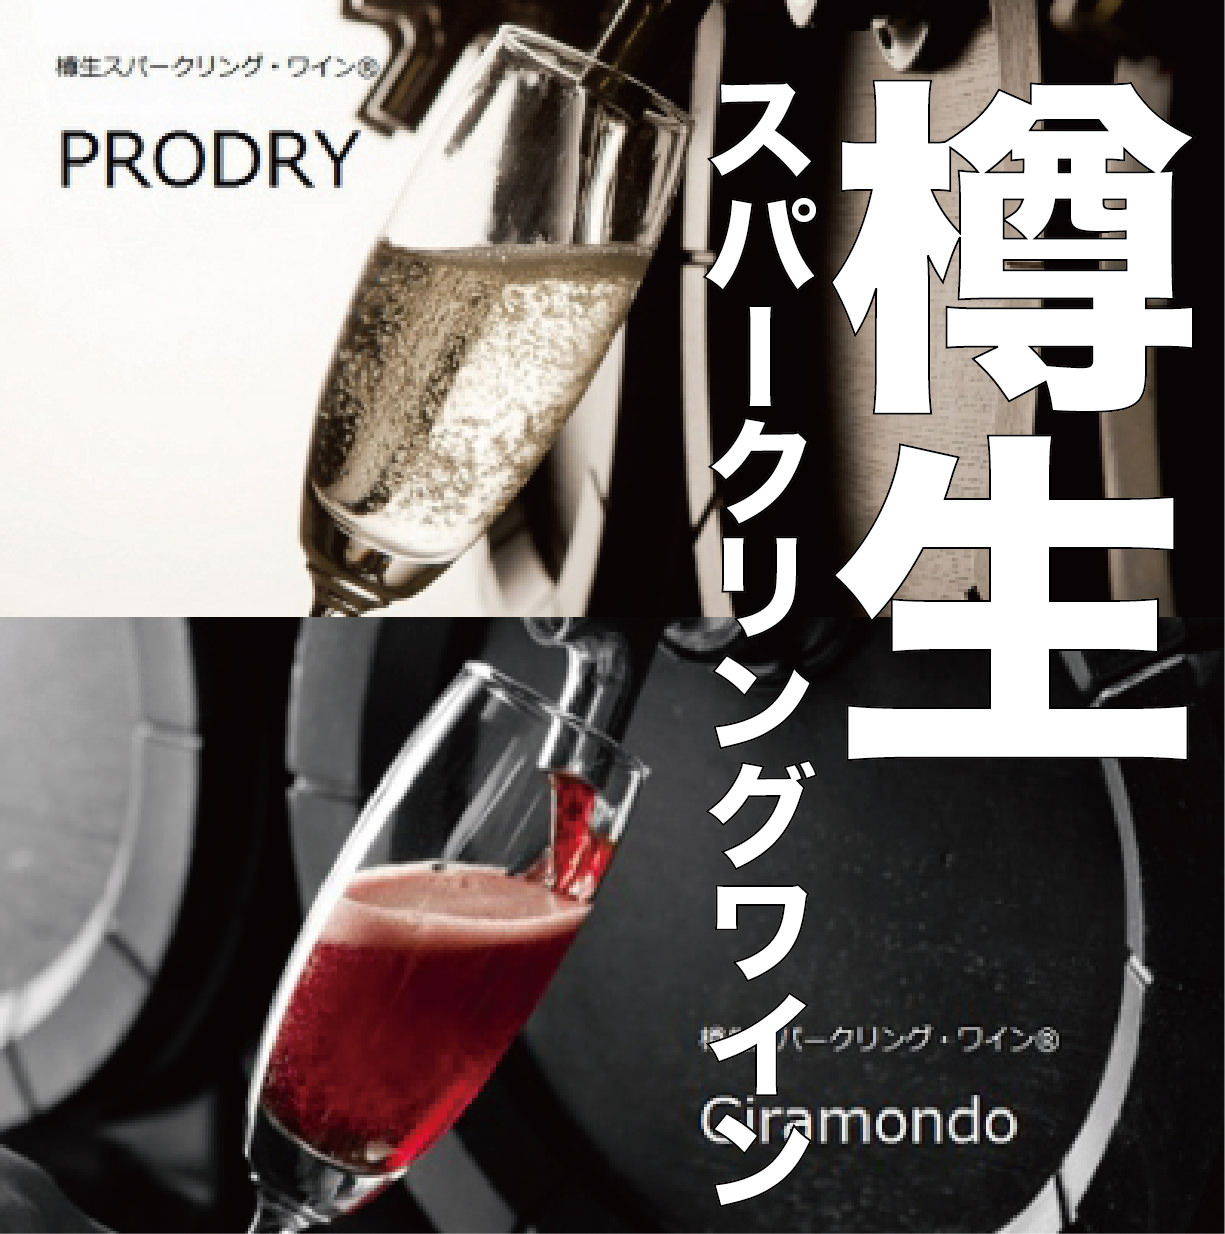 飲放題は人気のイタリア産樽生のスパークリングワインOK!